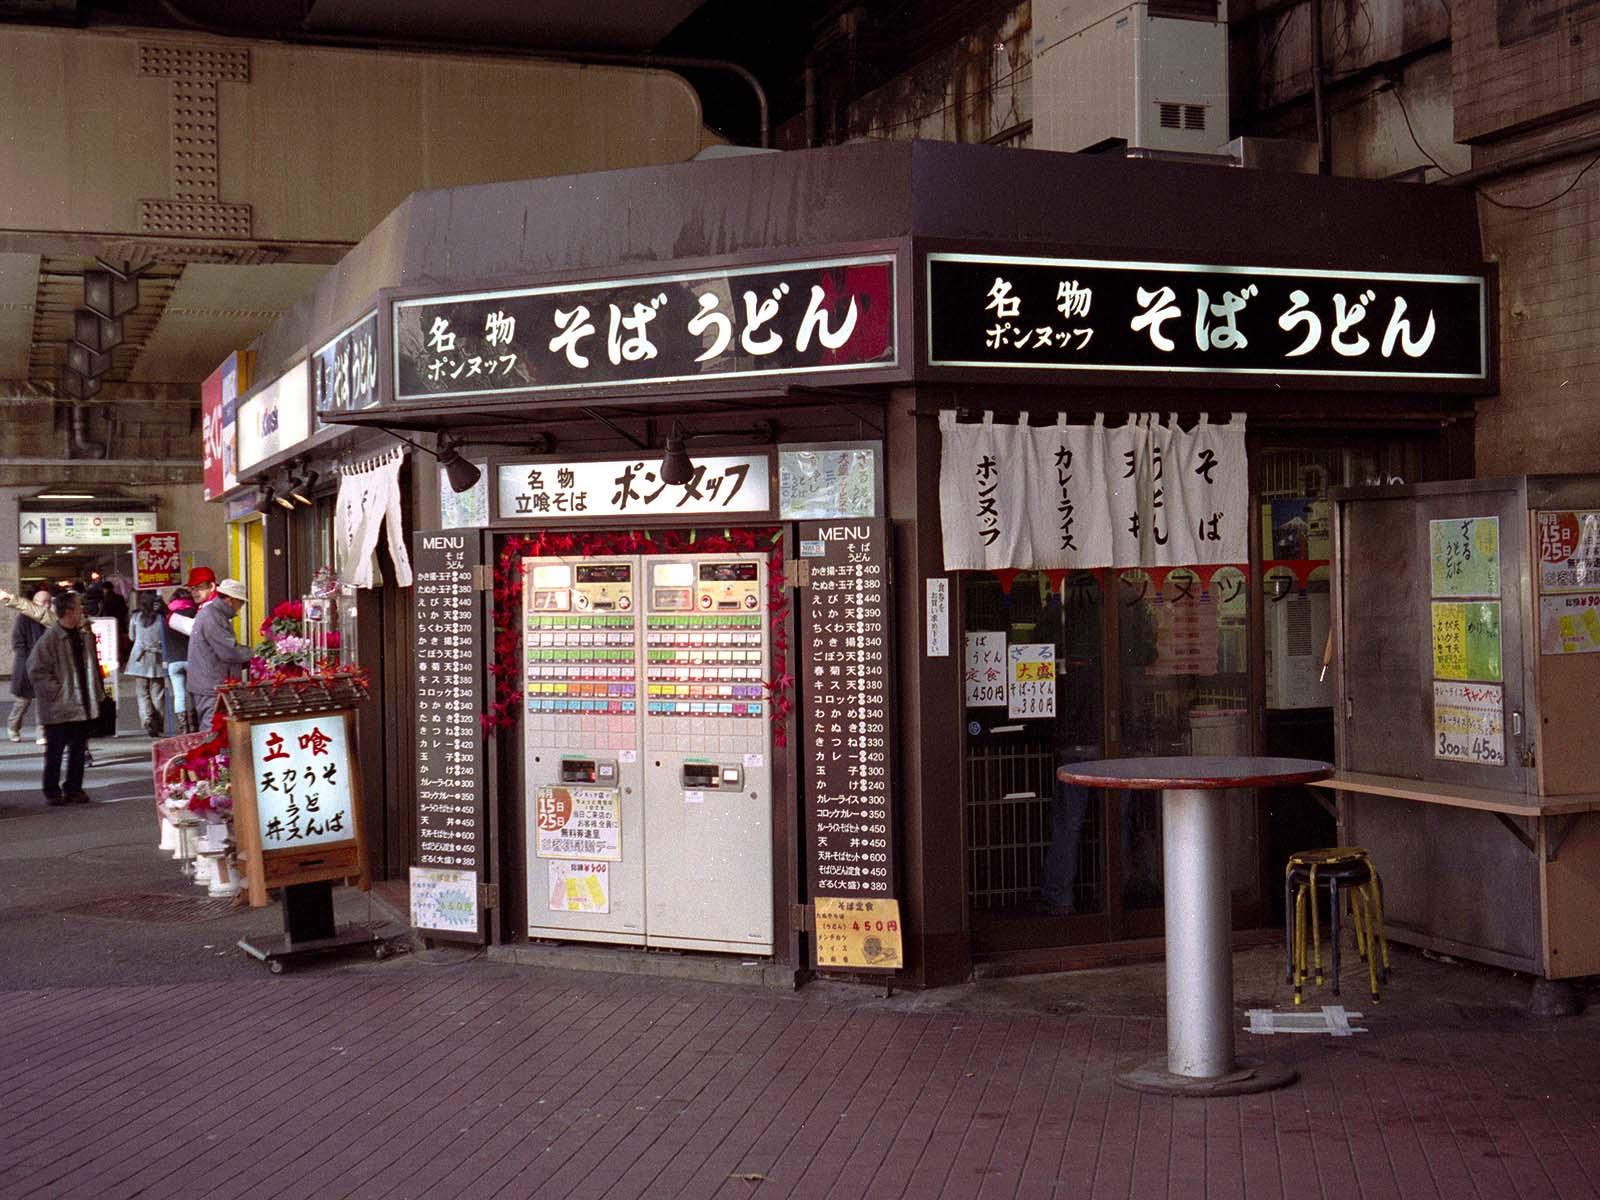 030 新橋駅銀座口「ポンヌッフ」20051218(05.75.03)